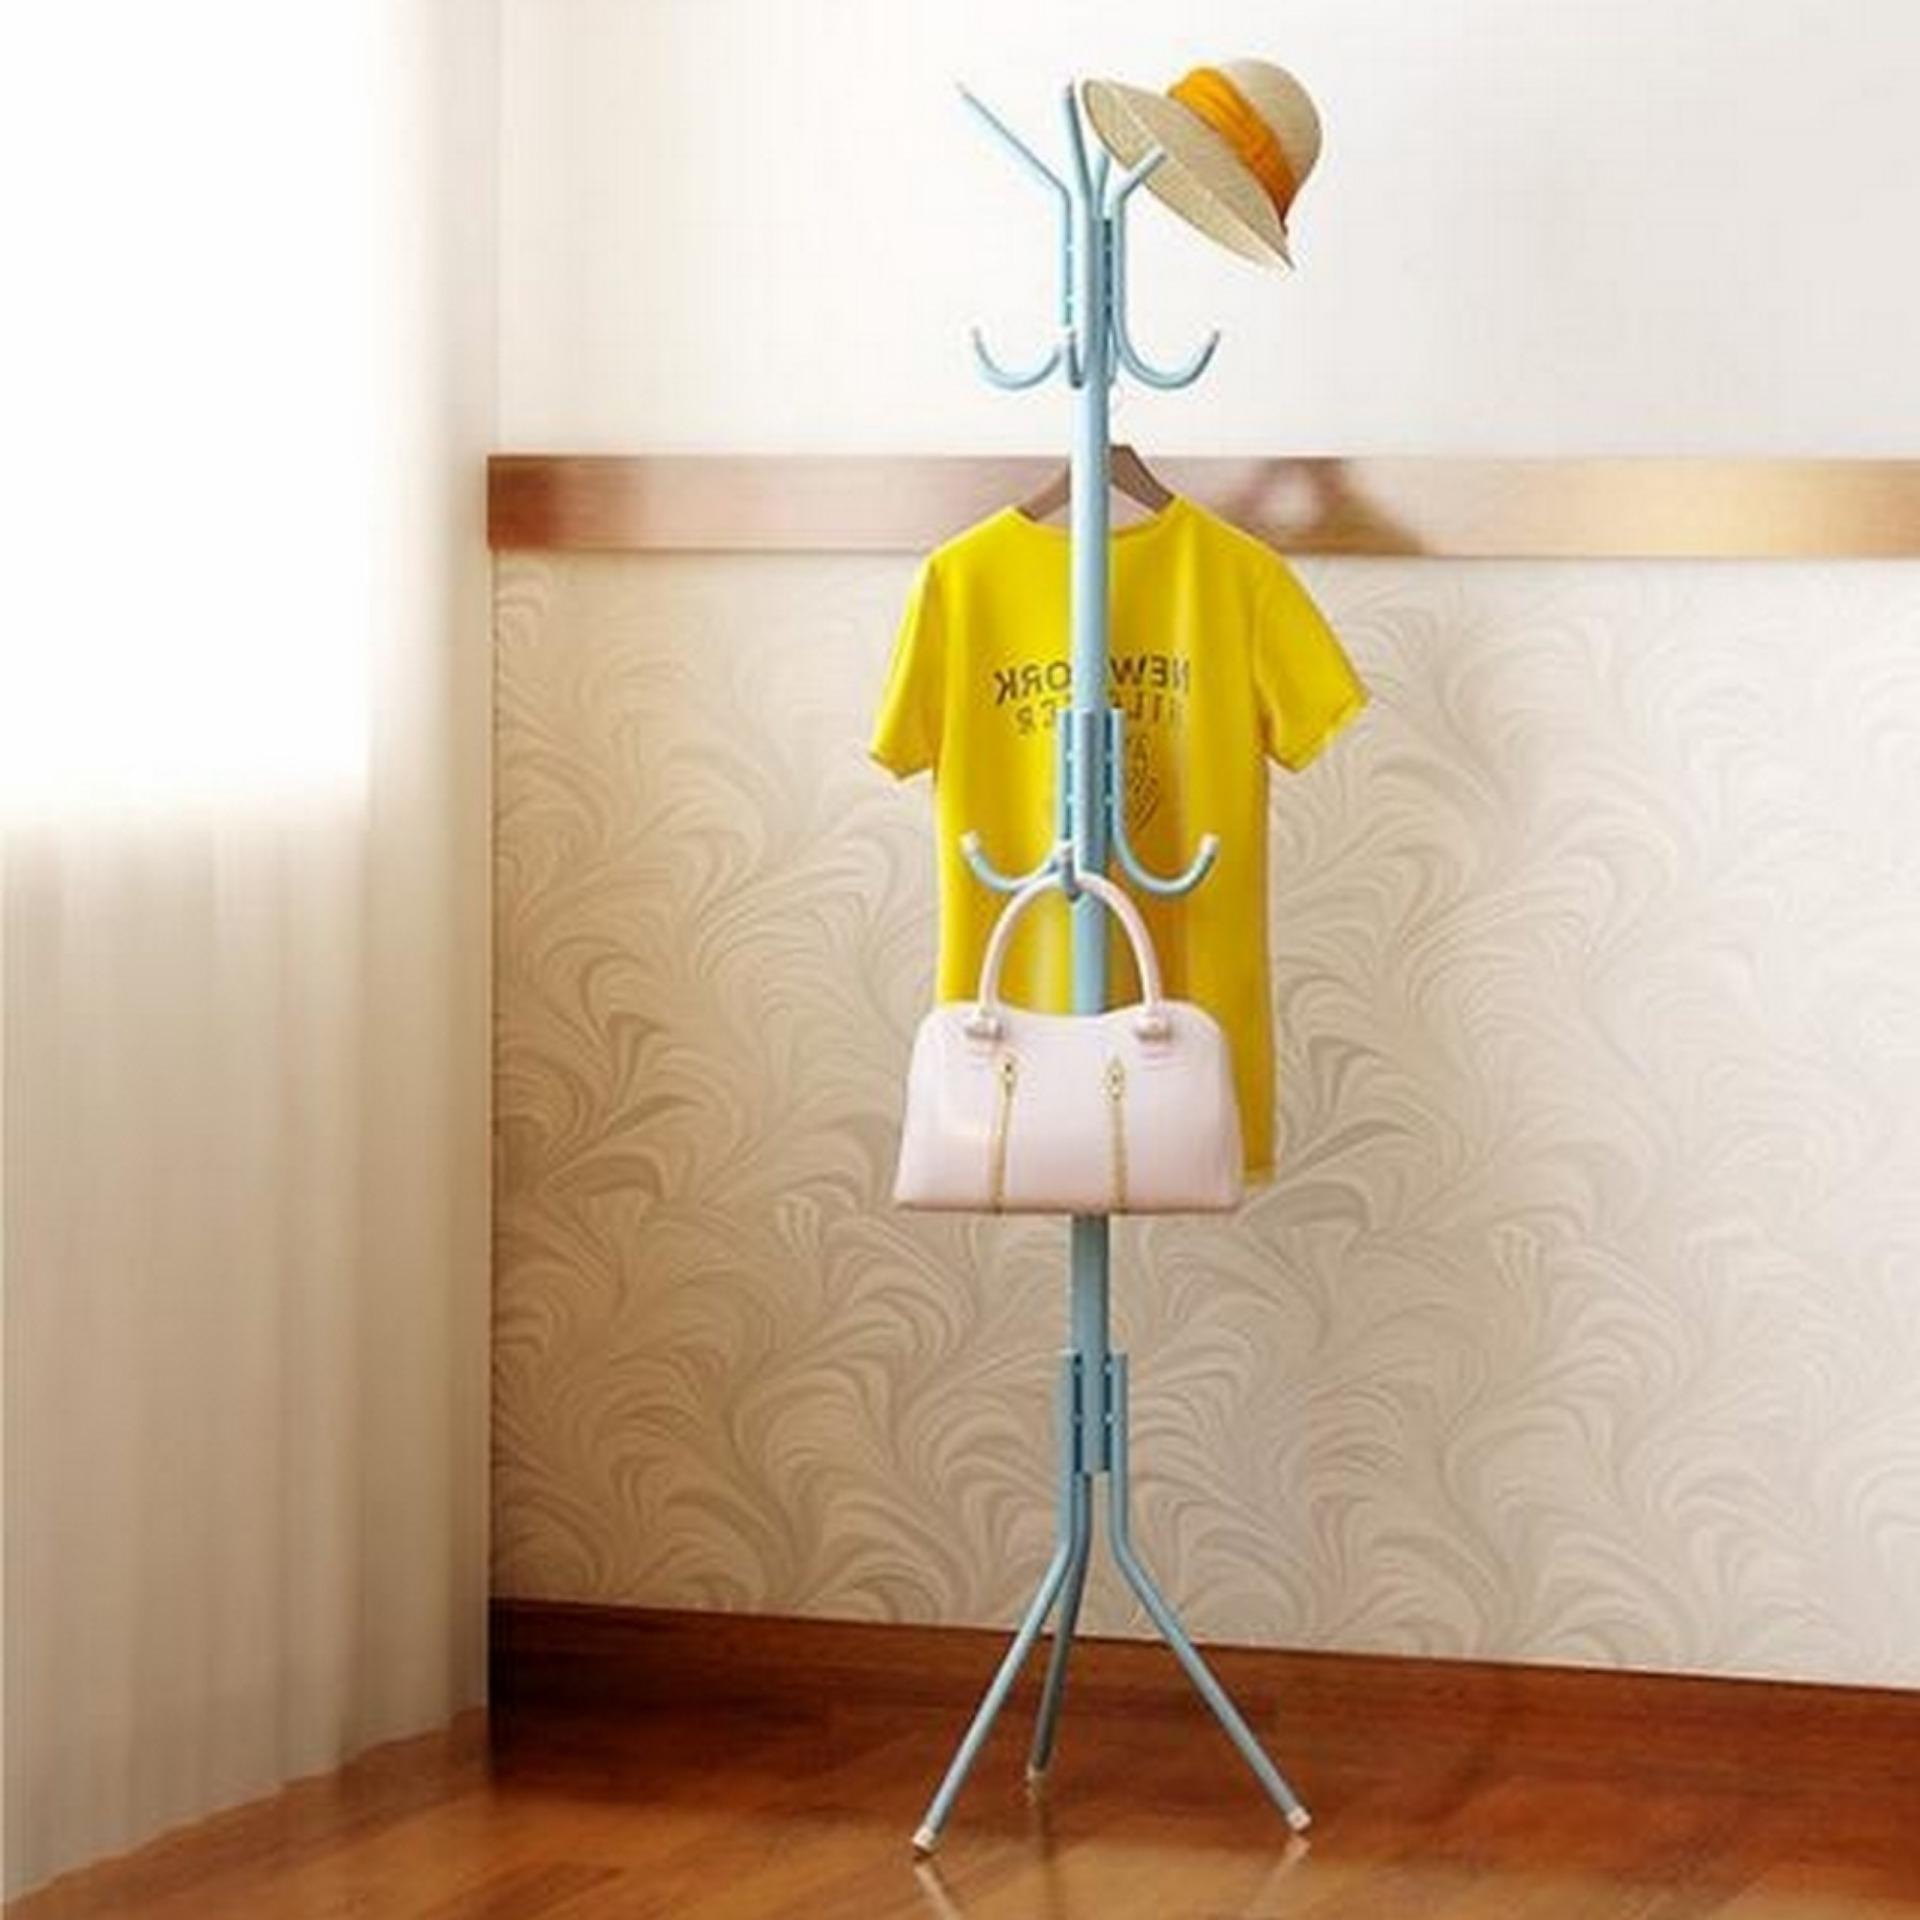 Lemari Gantung Pakaian Lemari Rak Lemari Baju Lemari Bongkar Pasang Rak Baju Terbaru Rak Baju Tanpa Cover S7 Biru